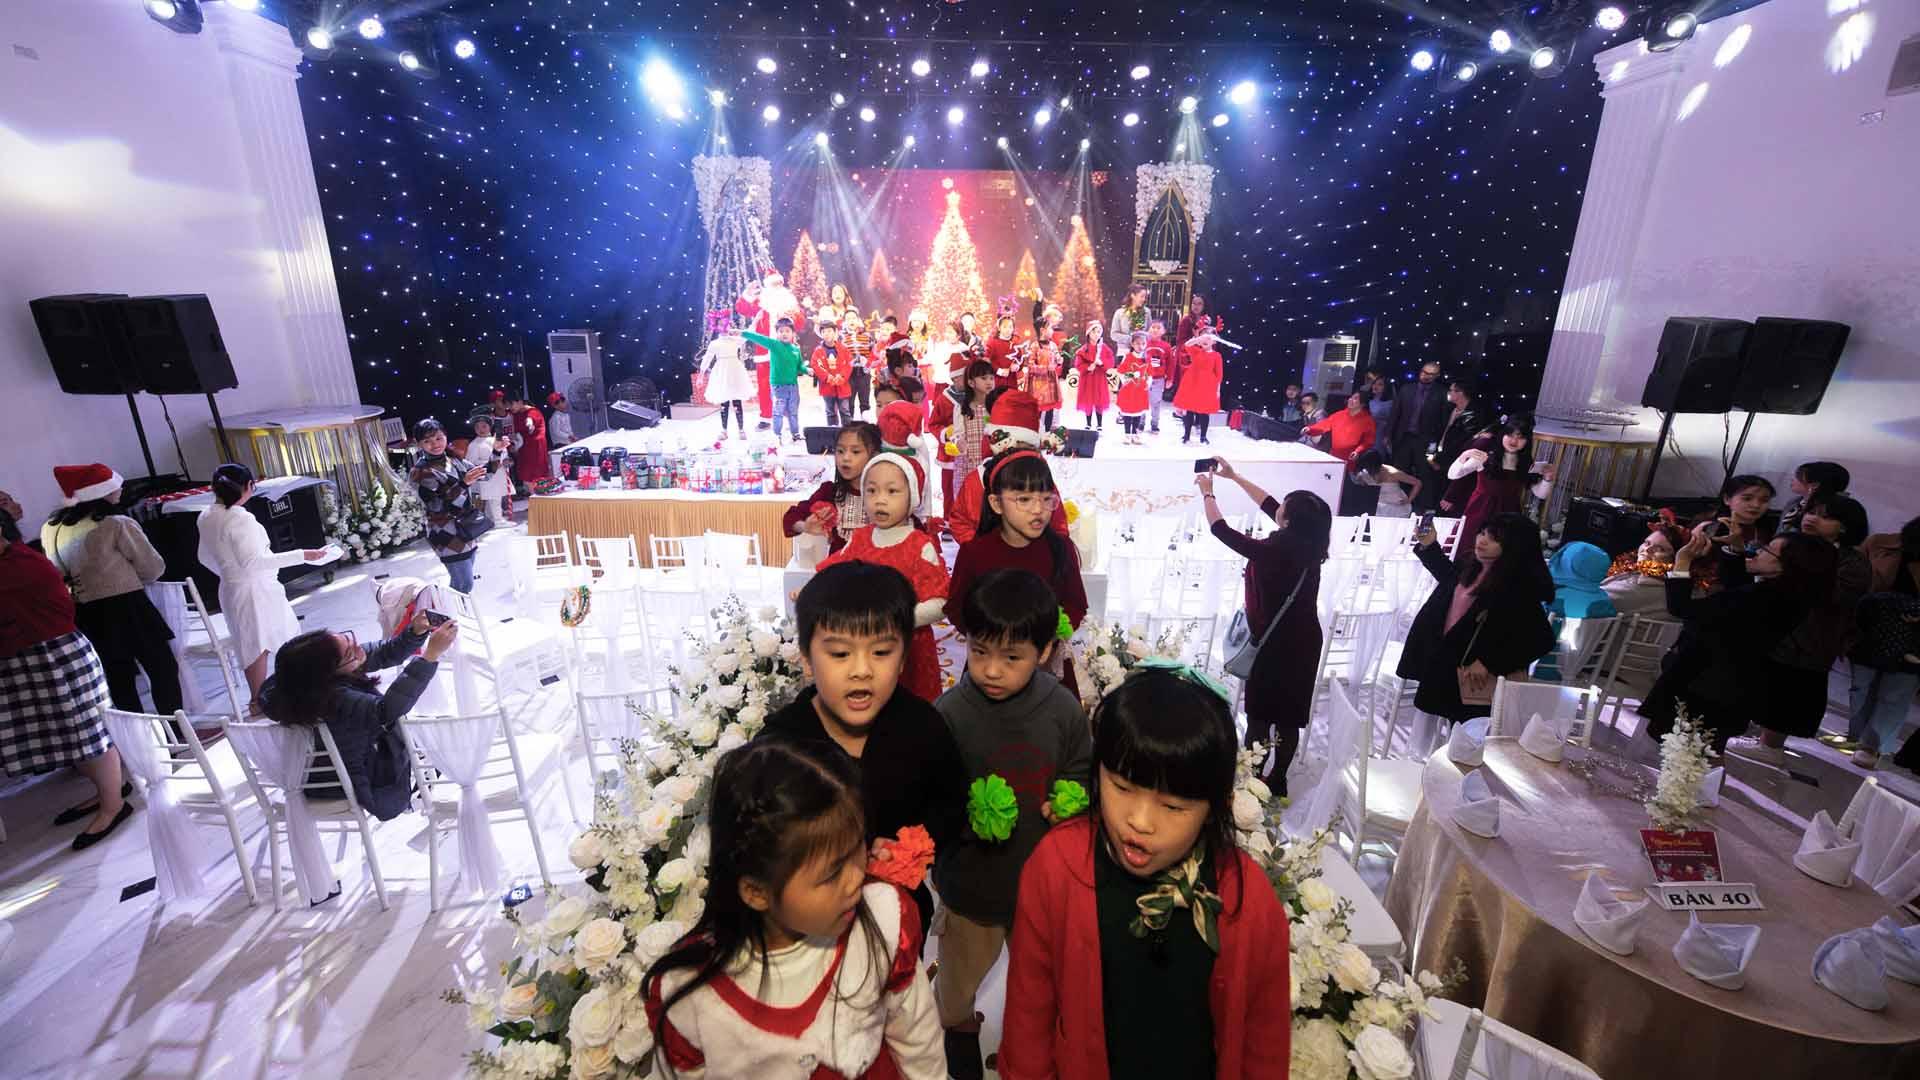 Tổ chức giáng sinh cho trẻ